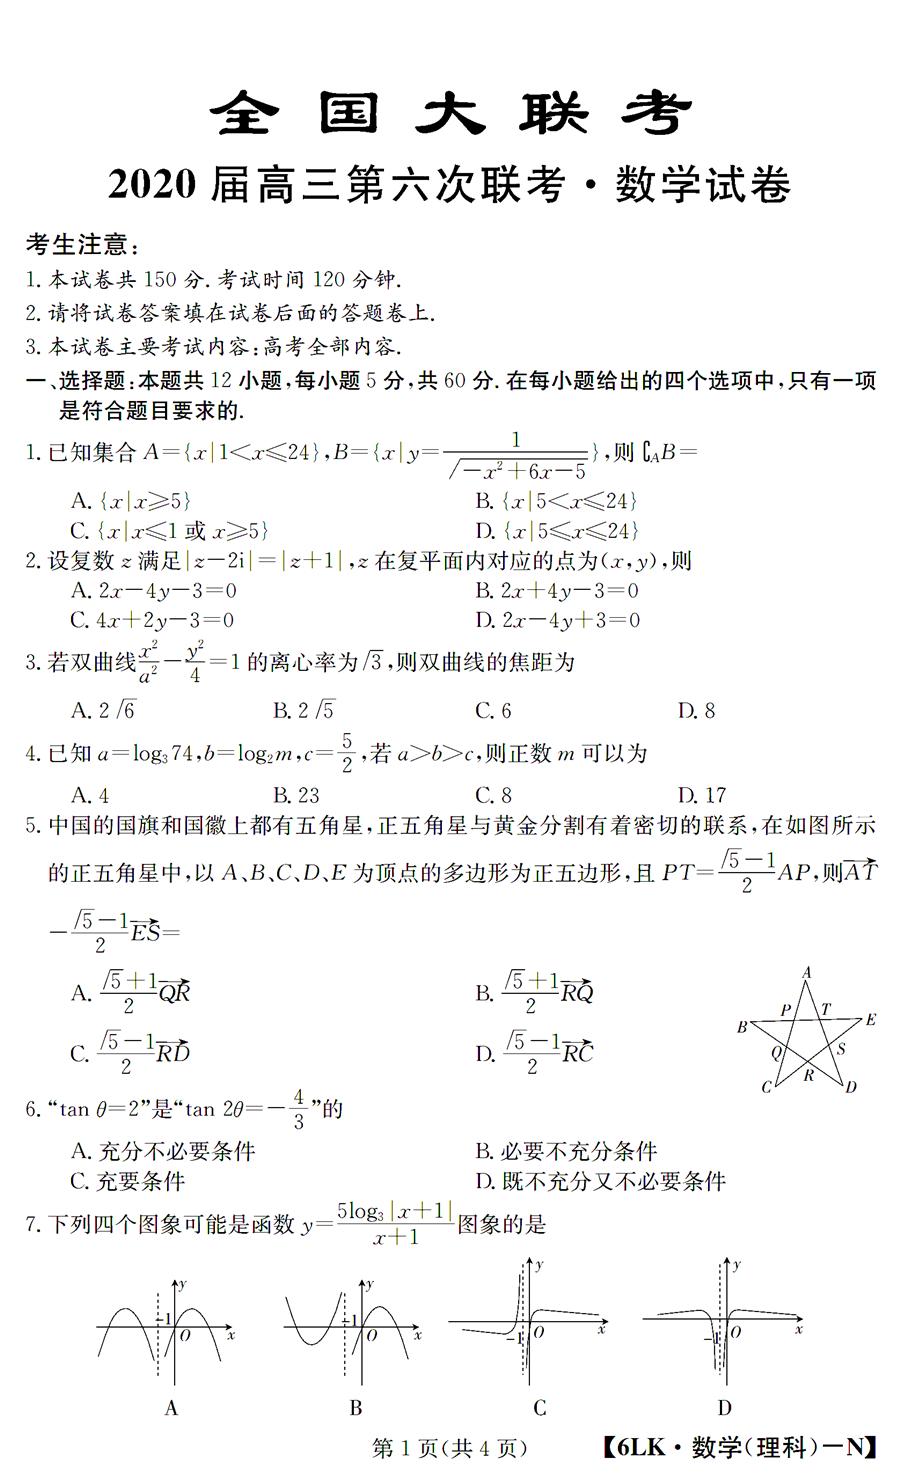 2020全国大联考高三第六次联考数学试题答案解析